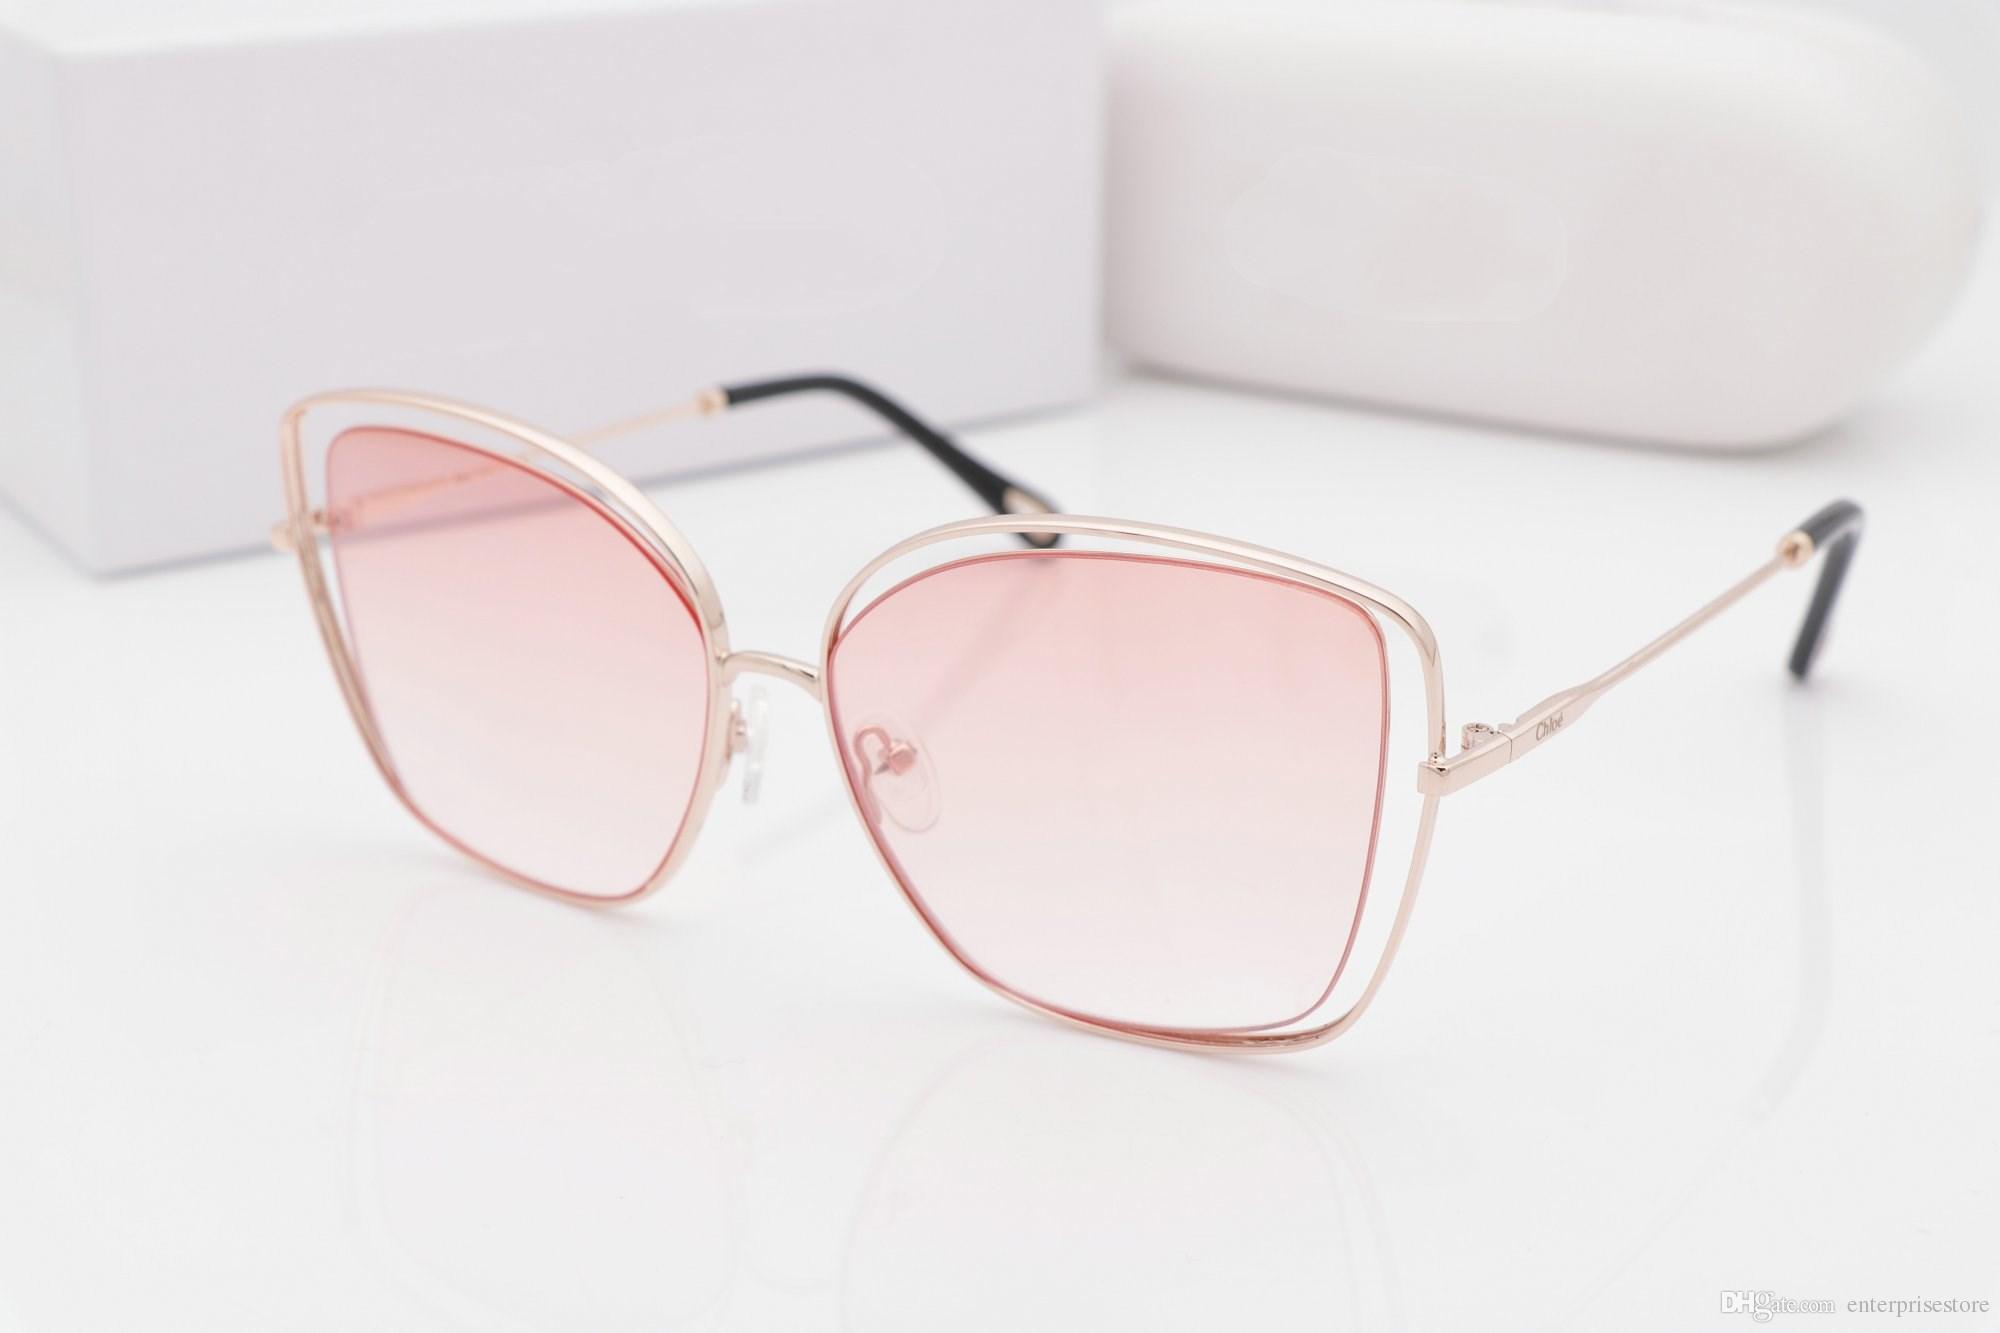 8172d18d03c52 Compre 20060 Óculos De Sol Populares Mulheres De Luxo Design De Marca 3864s  Estilo De Verão Redondo Estilo Completo Proteção Uv De Alta Qualidade Cor  Mista ...